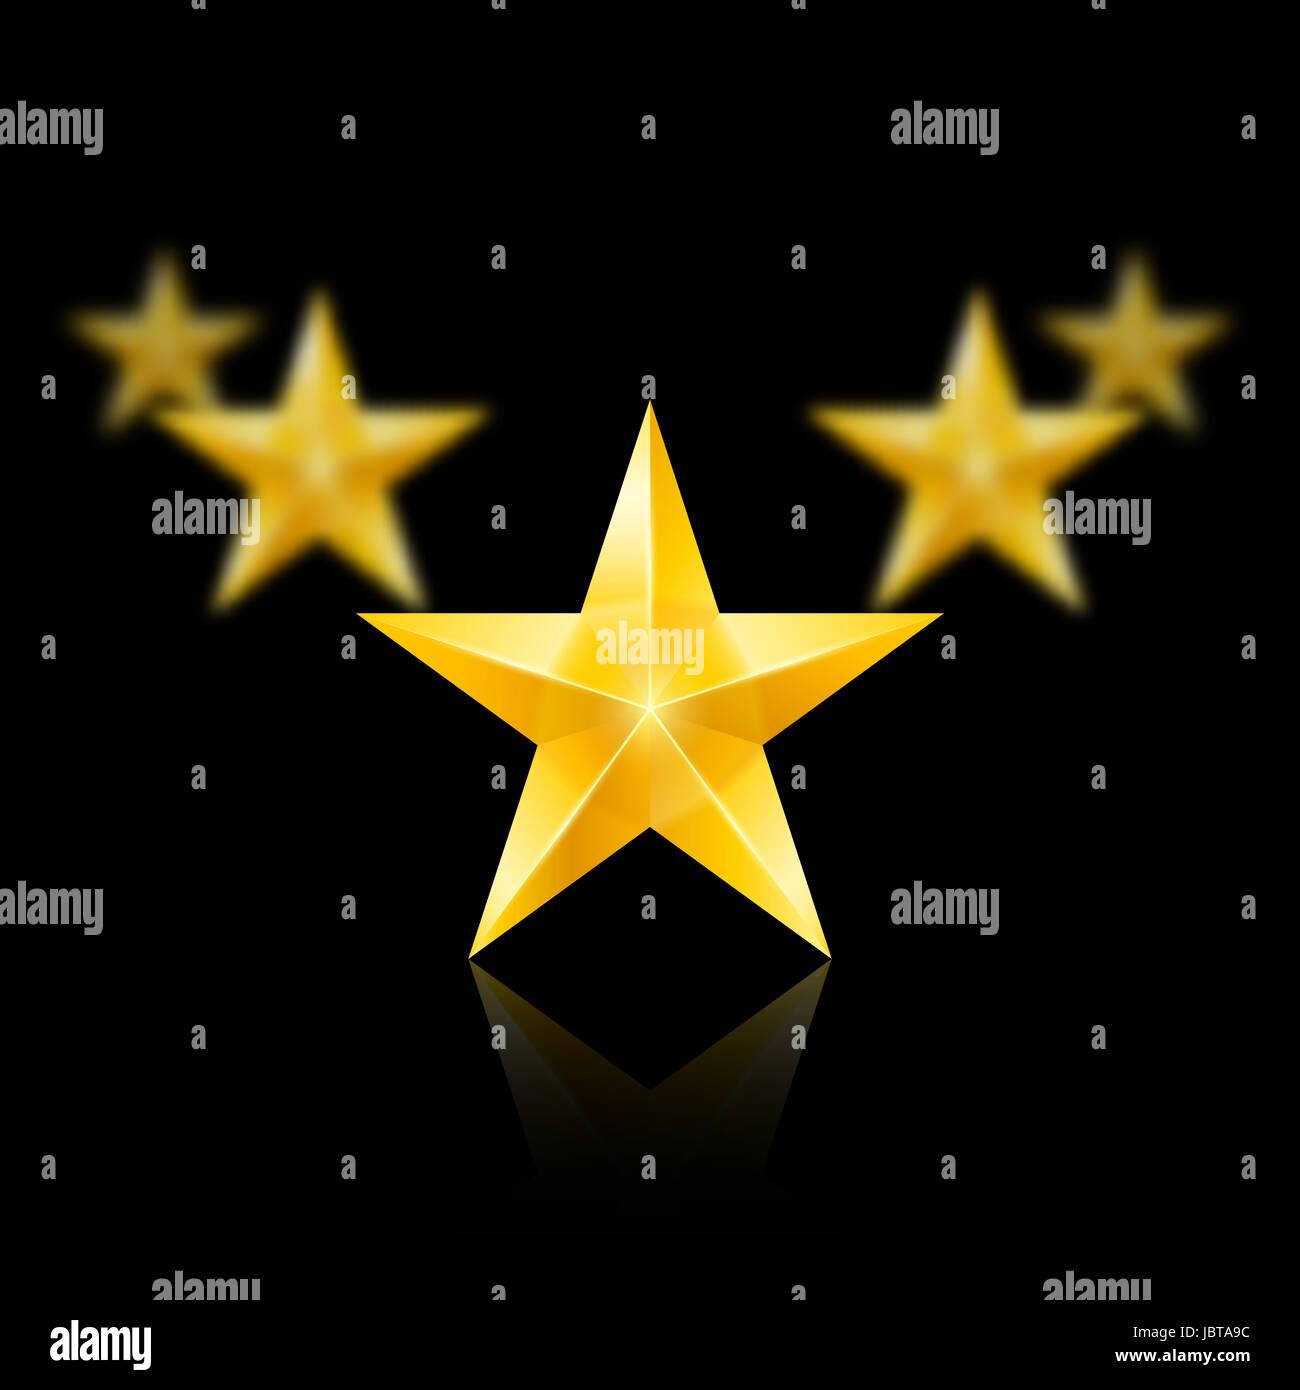 Cinq étoiles Dor Sur Fond Noir Le Premier Dans Laccent